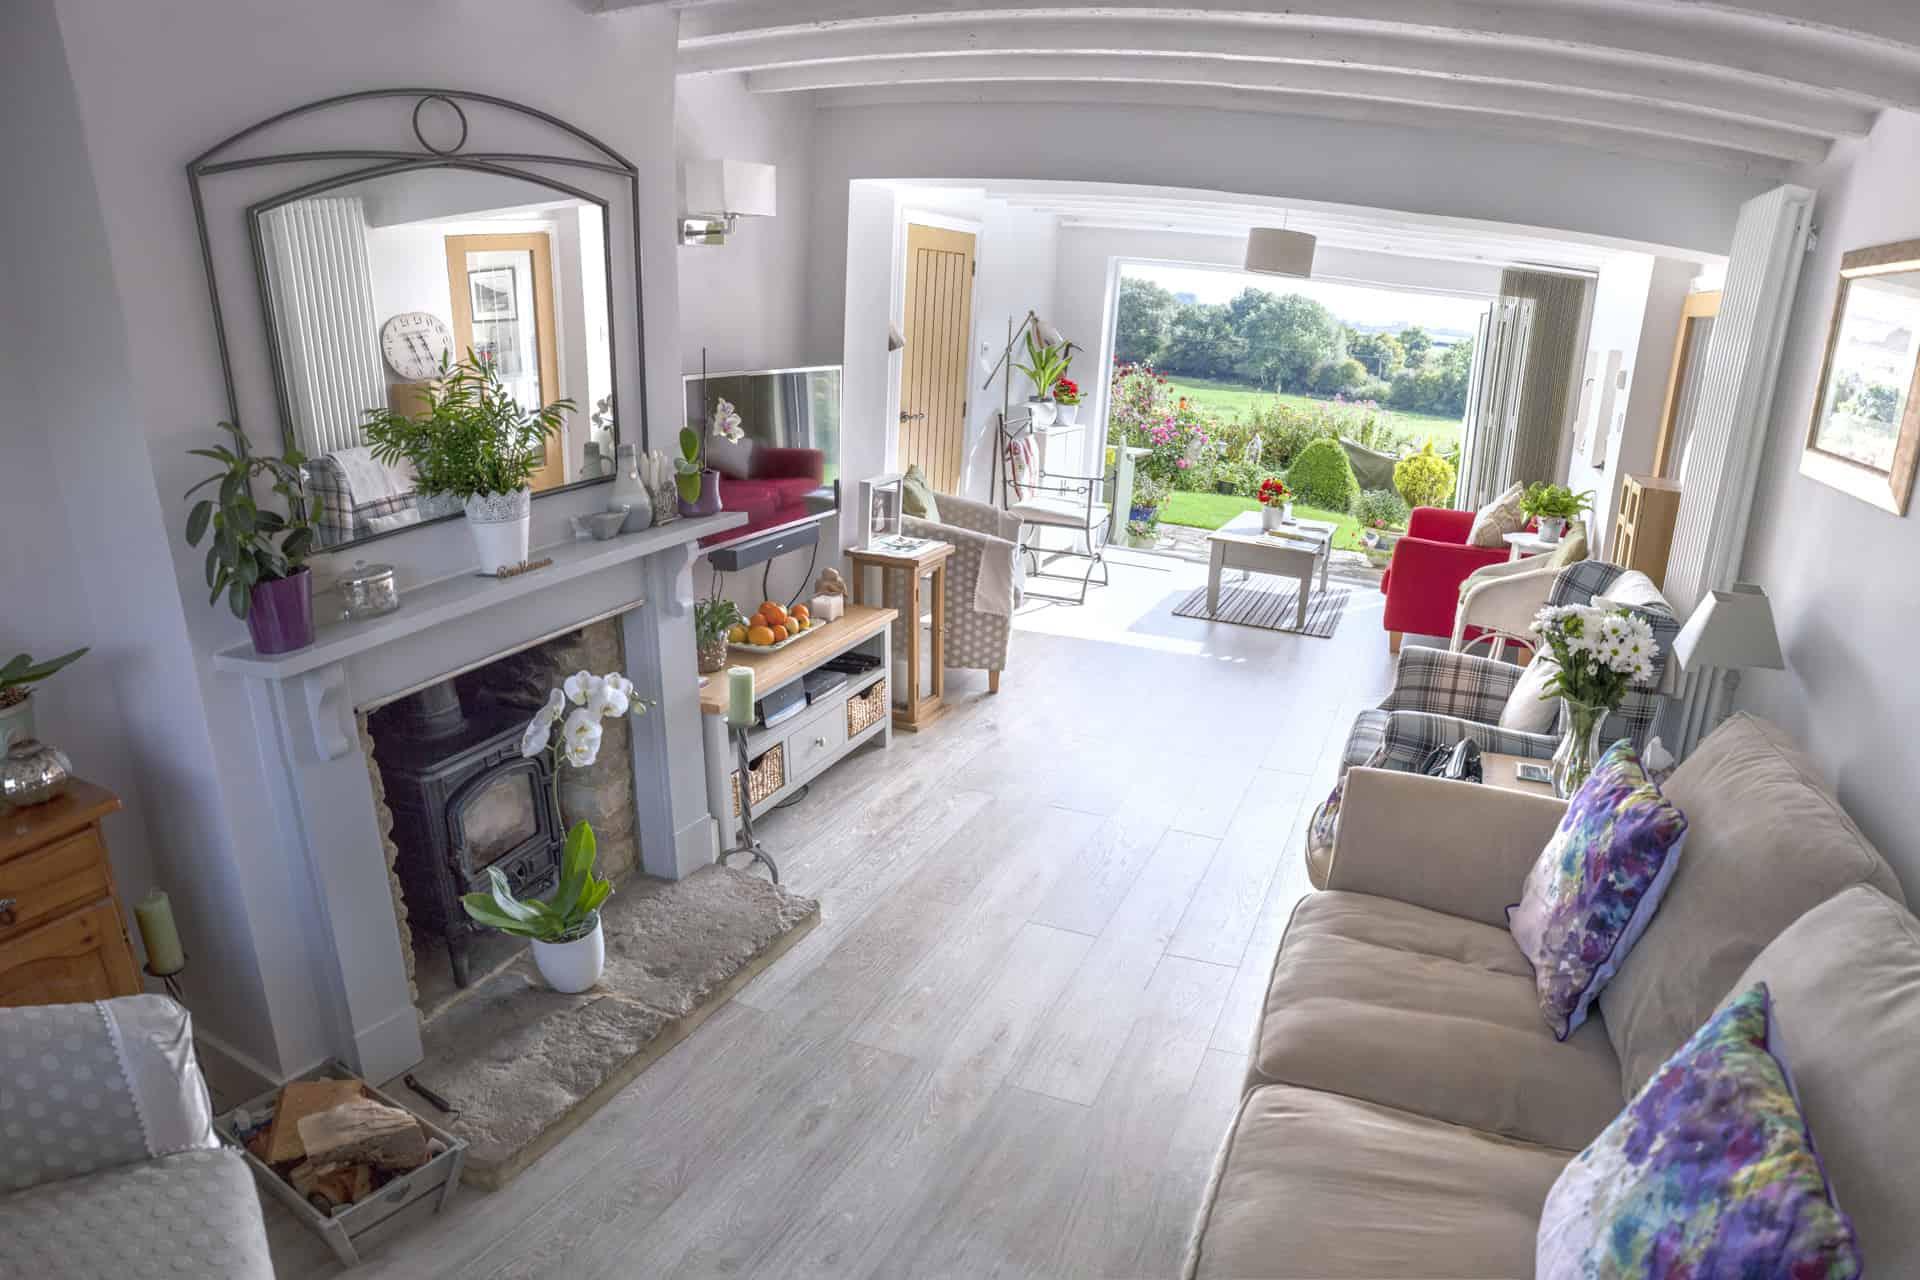 Cottage remodel